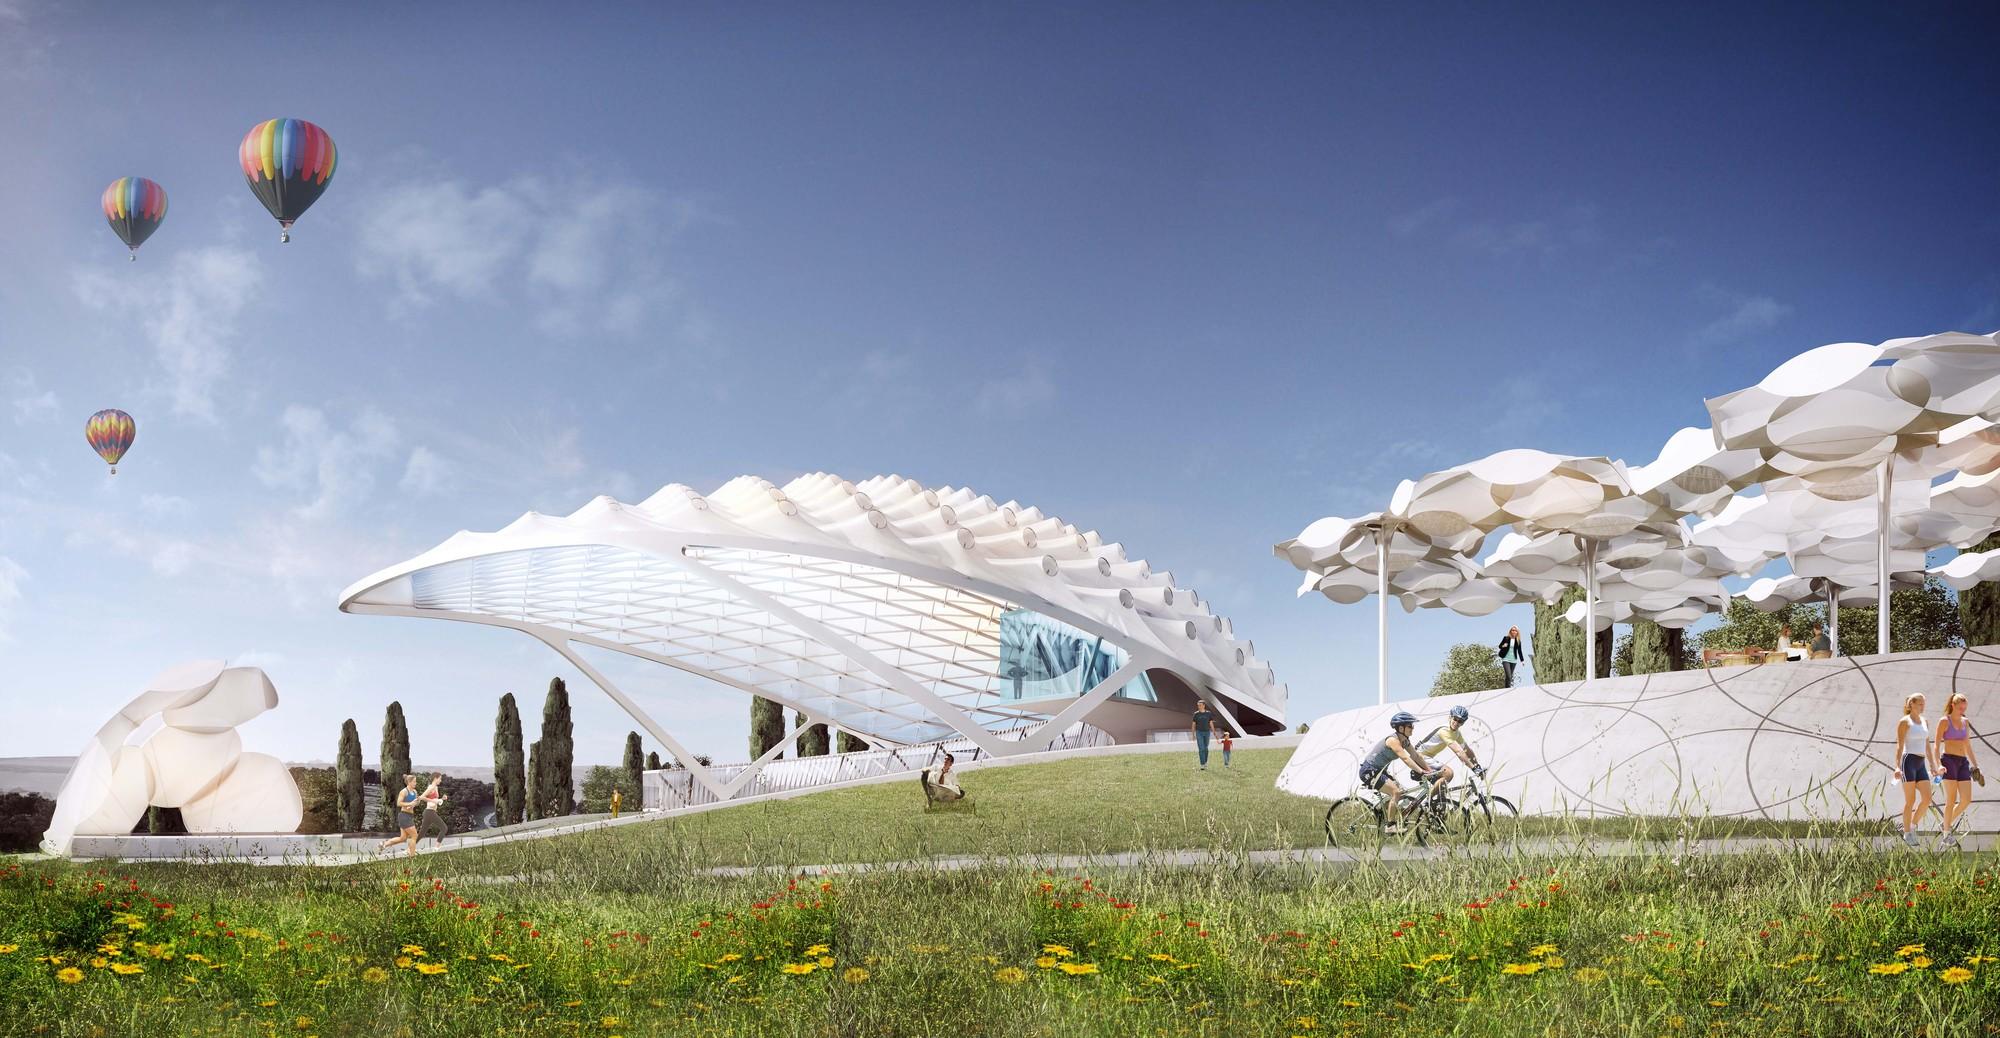 Vista del anfiteatro. Imagen Cortesía de Asymptote Architects